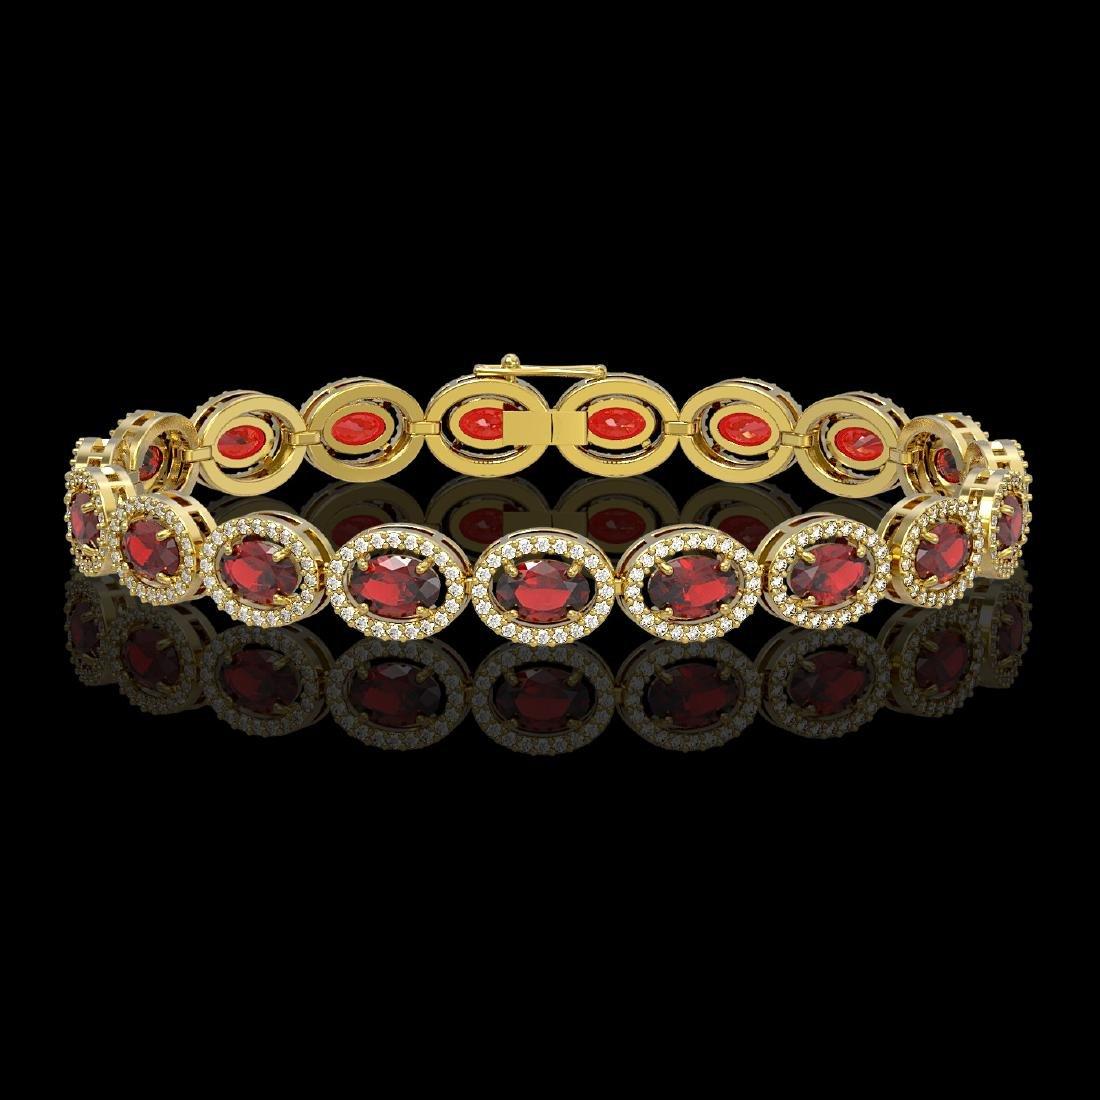 14.63 CTW Garnet & Diamond Halo Bracelet 10K Yellow